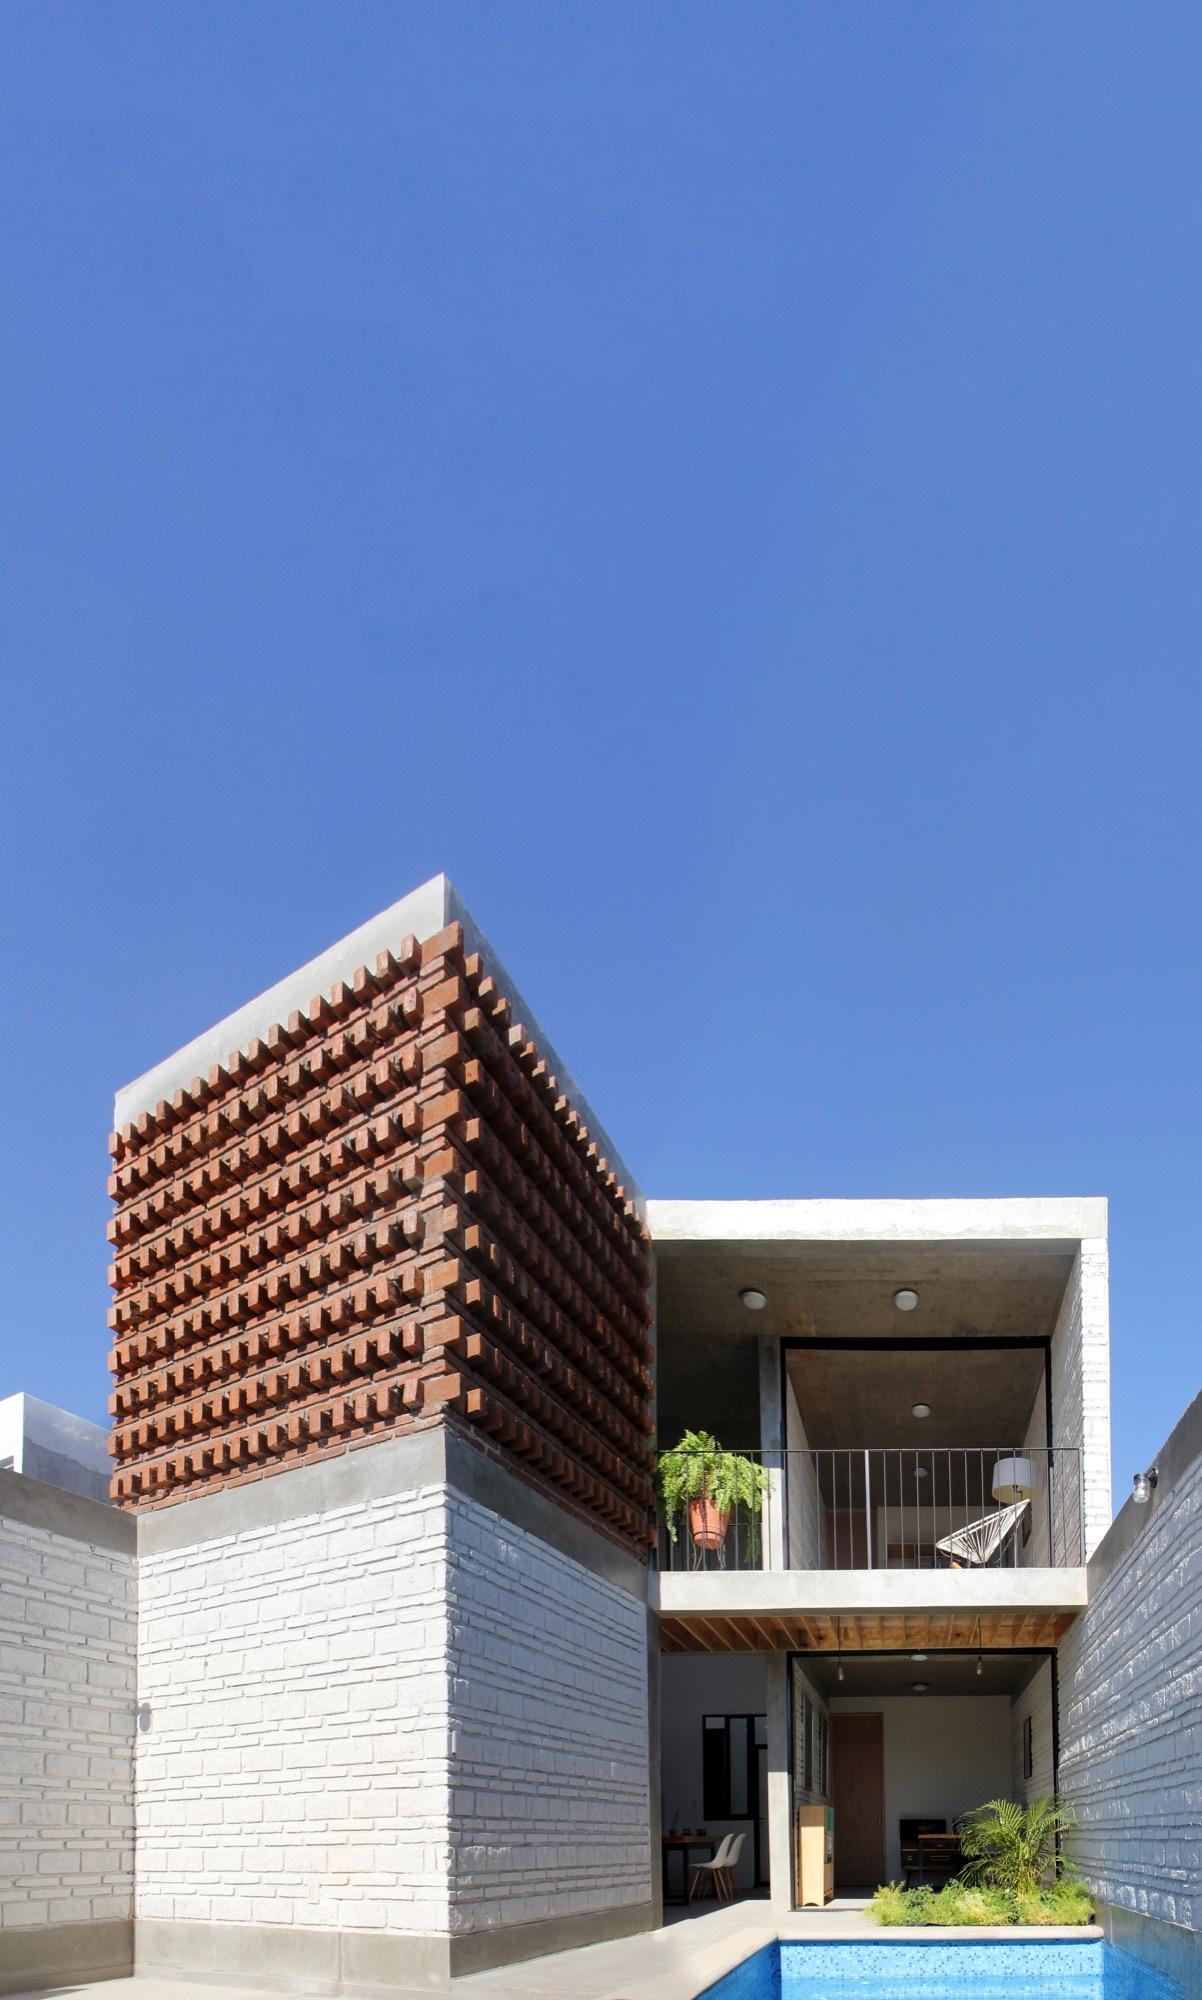 Galer a de casa g la apaloosa estudio de arquitectura y for Arquitectura y diseno de casas